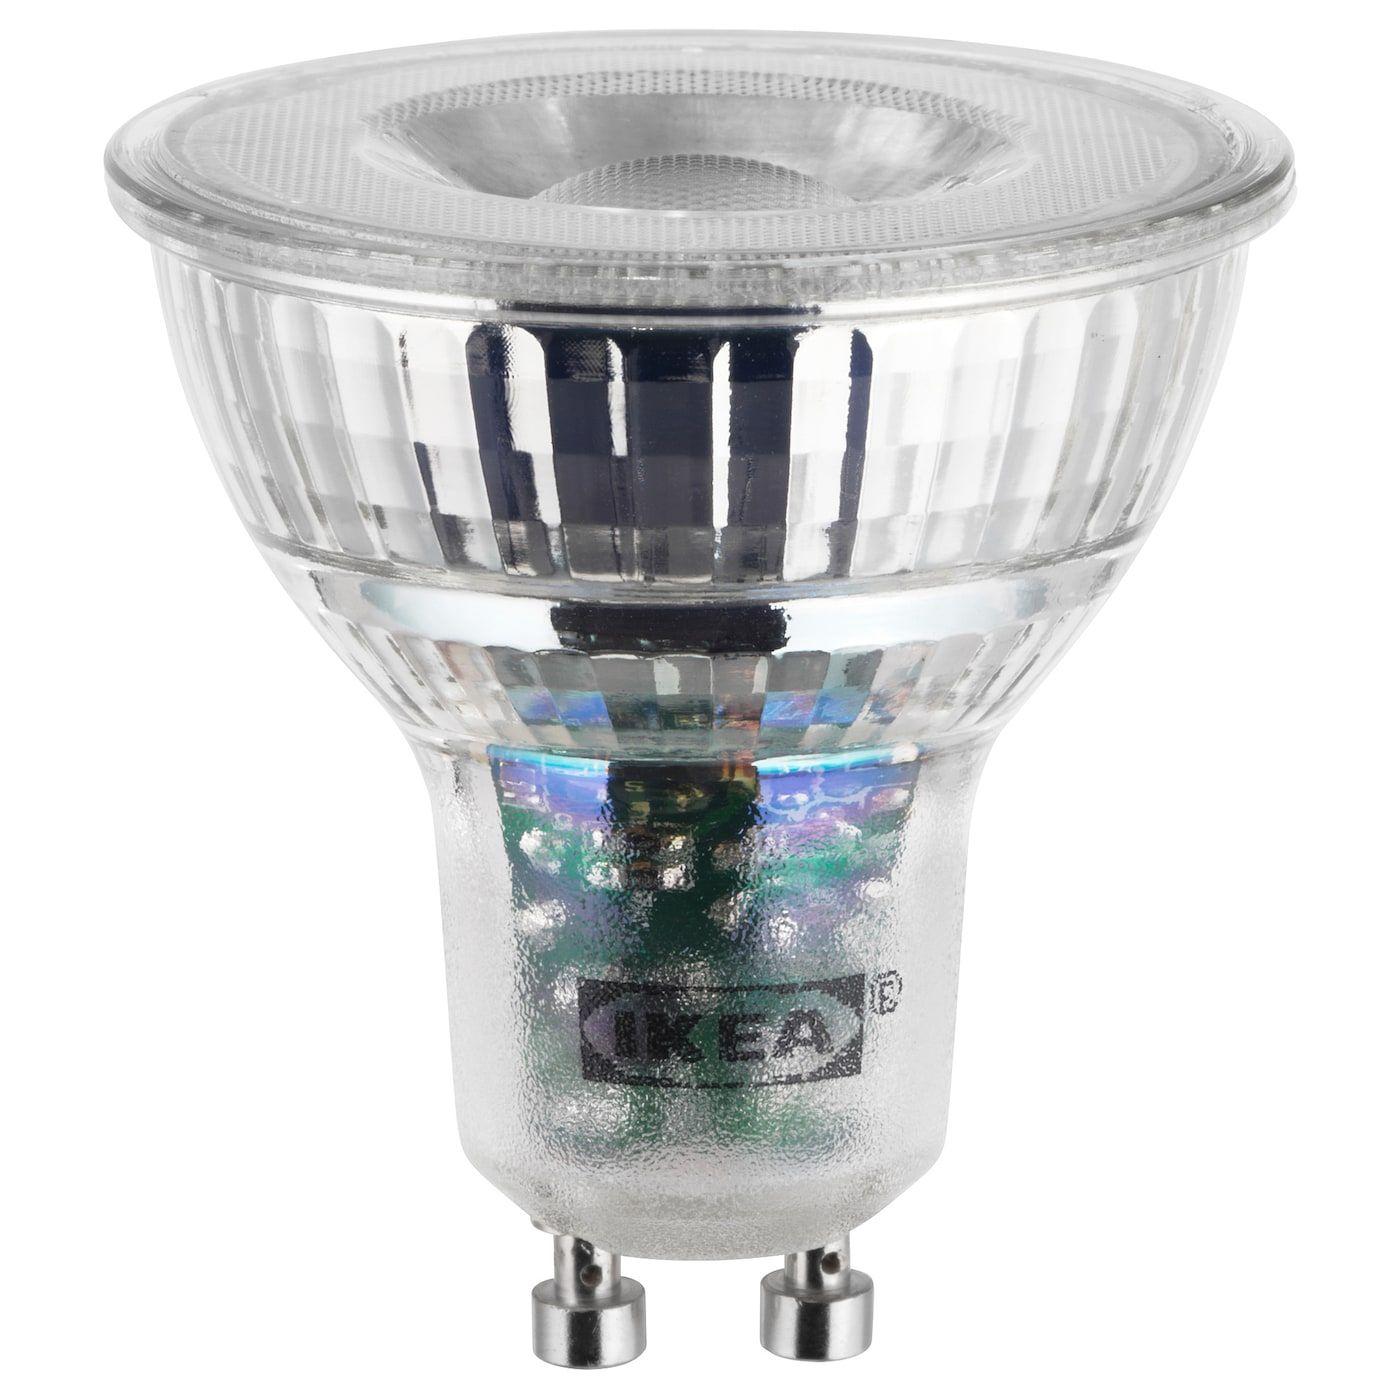 Kugel opalweiß 1000 Lumen LED E27  Lampe Leuchte dimmbar